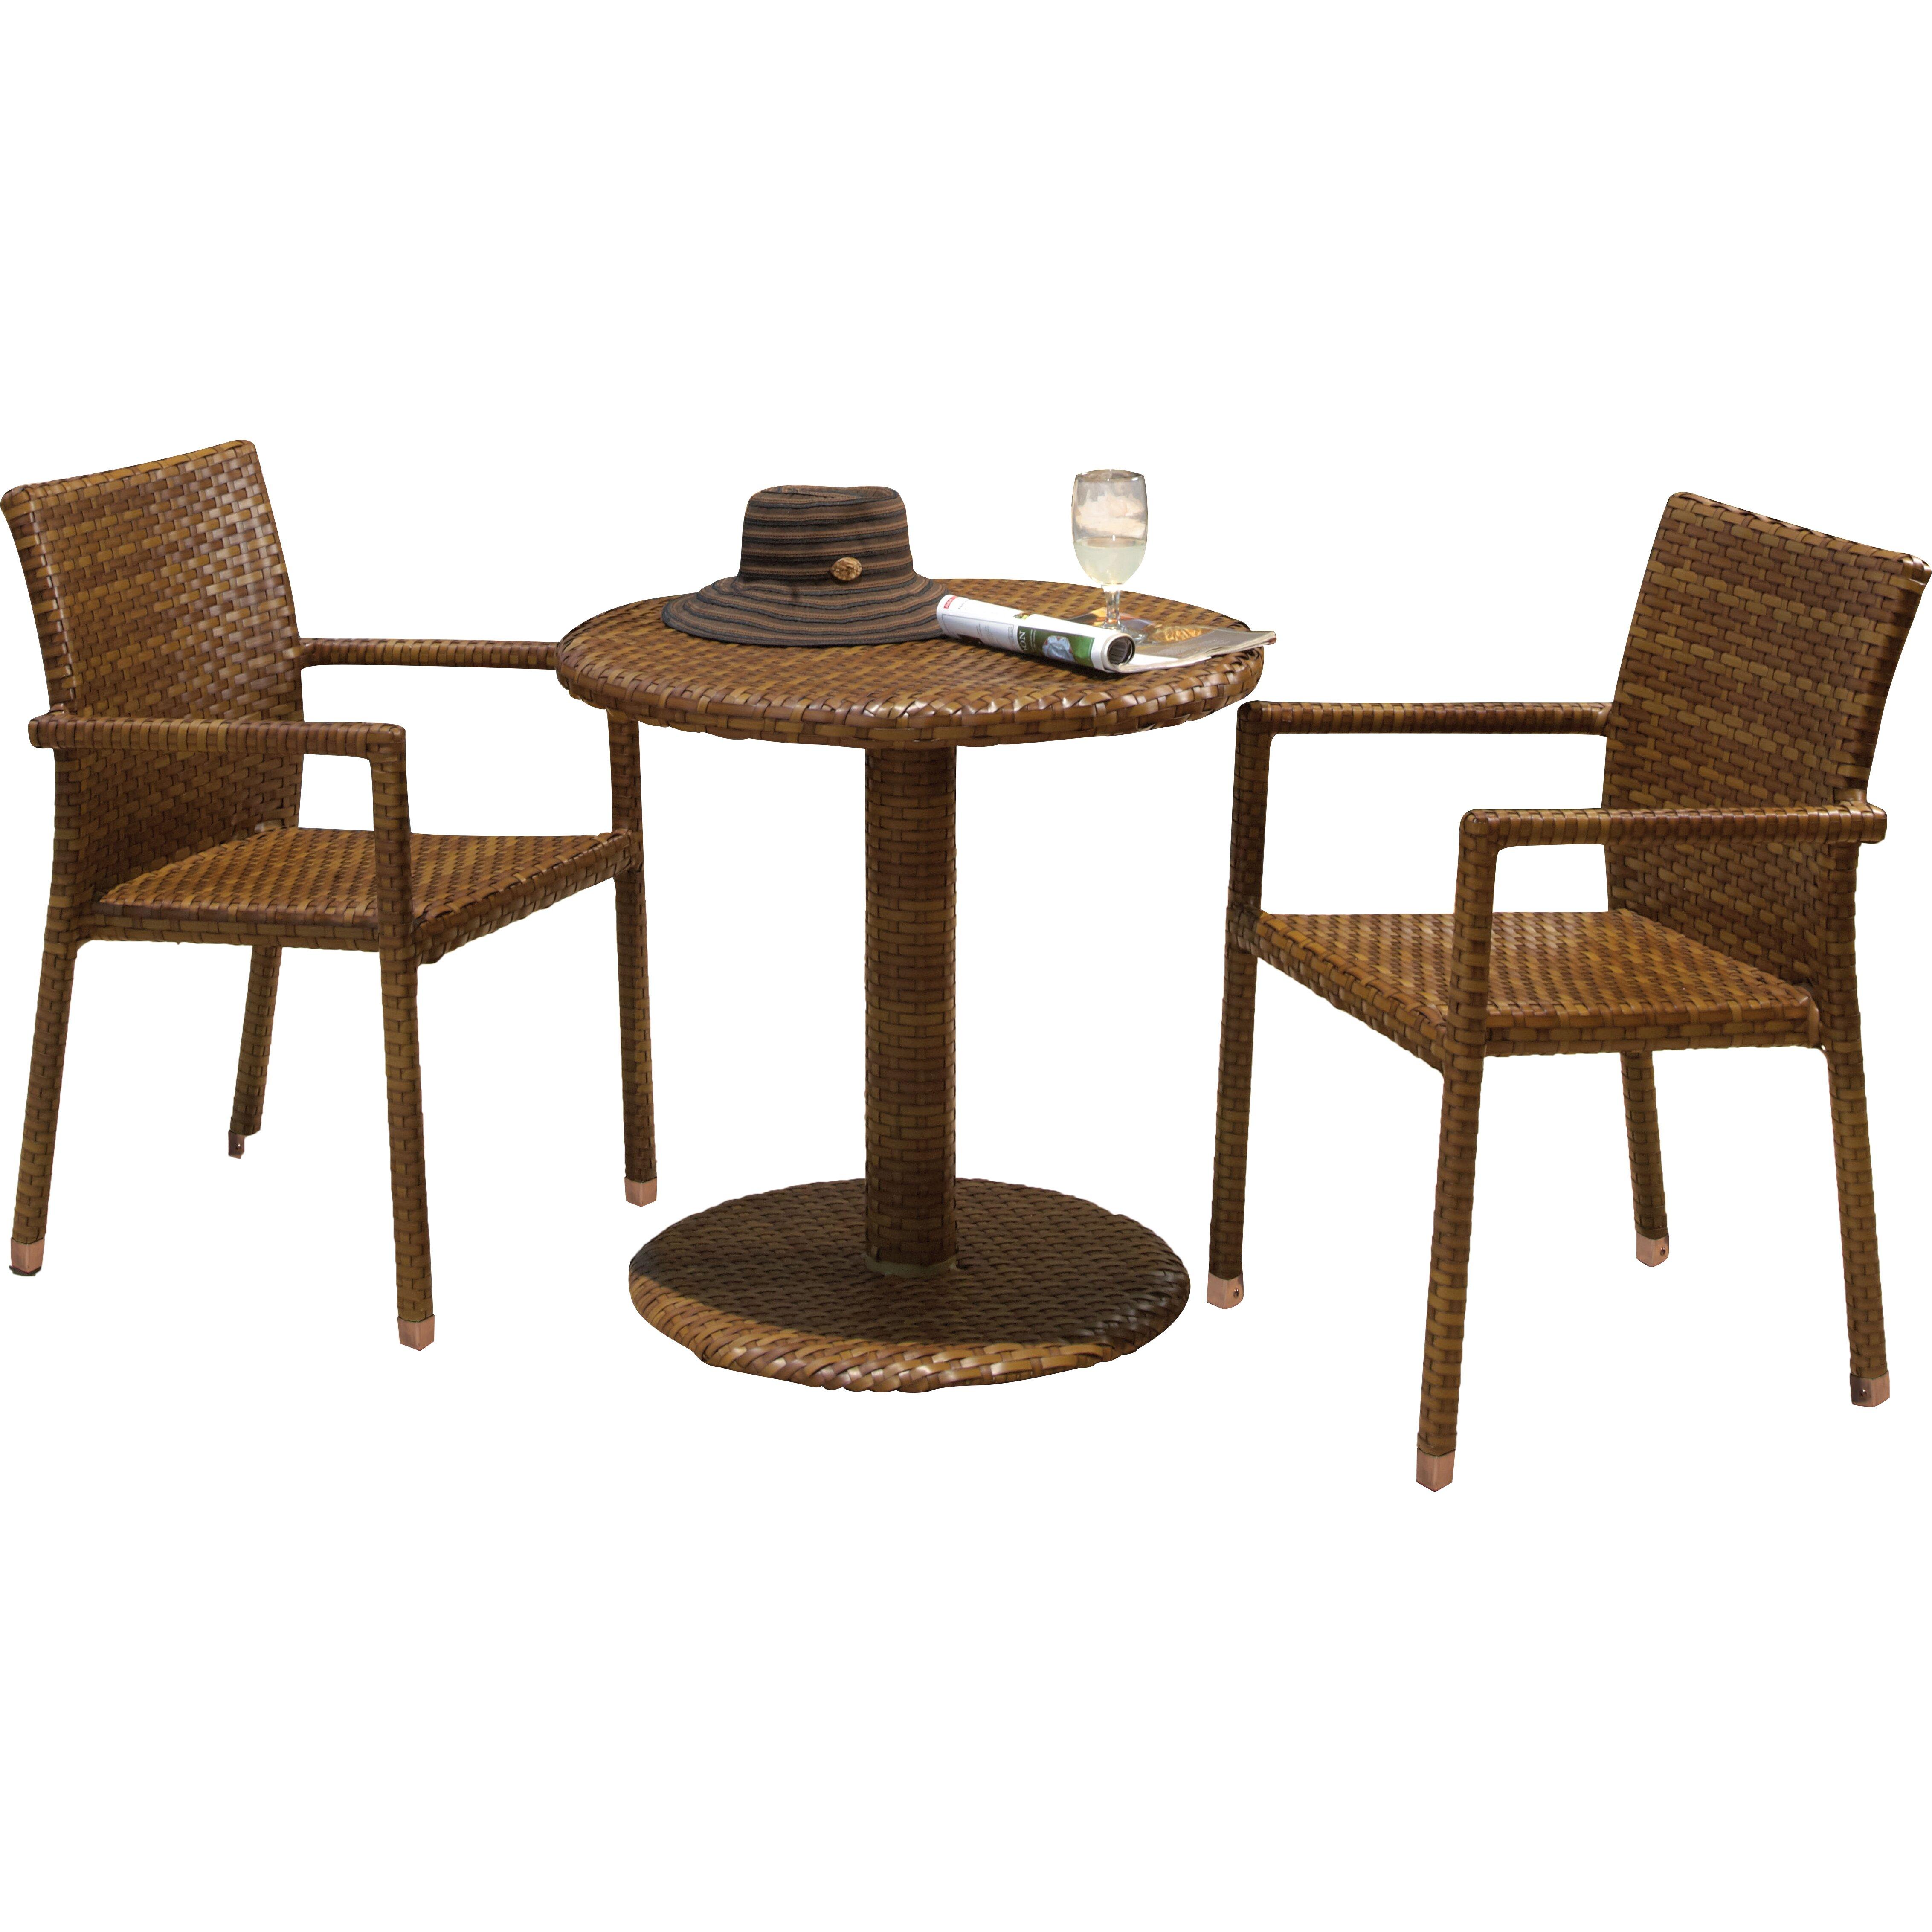 st barths 3 piece bistro dining set wayfair. Black Bedroom Furniture Sets. Home Design Ideas